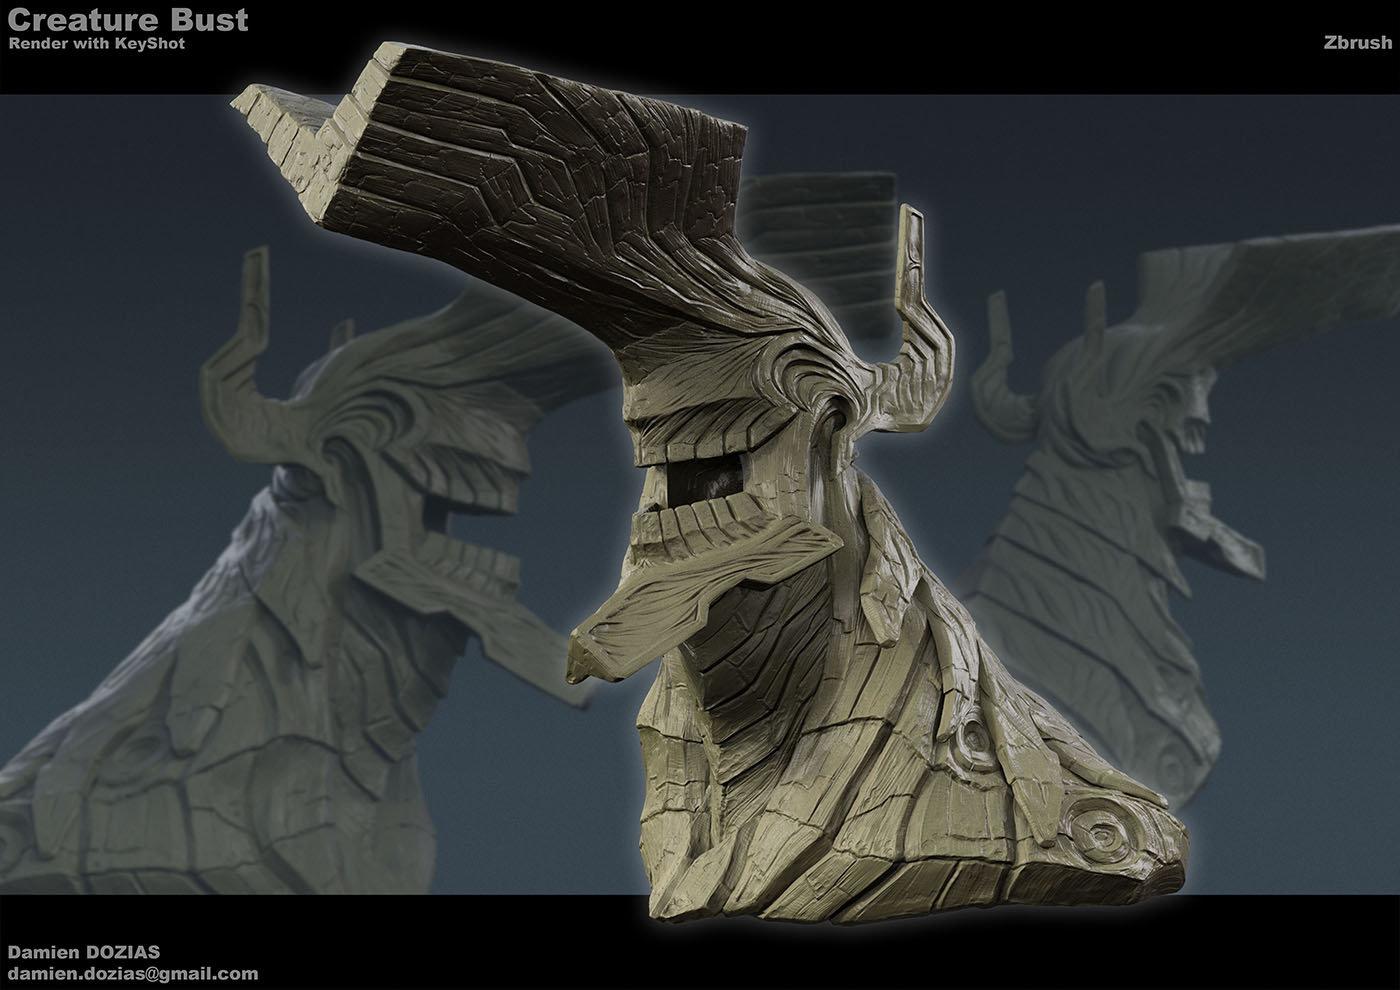 damien-dozias-monster6.jpg?1437786589